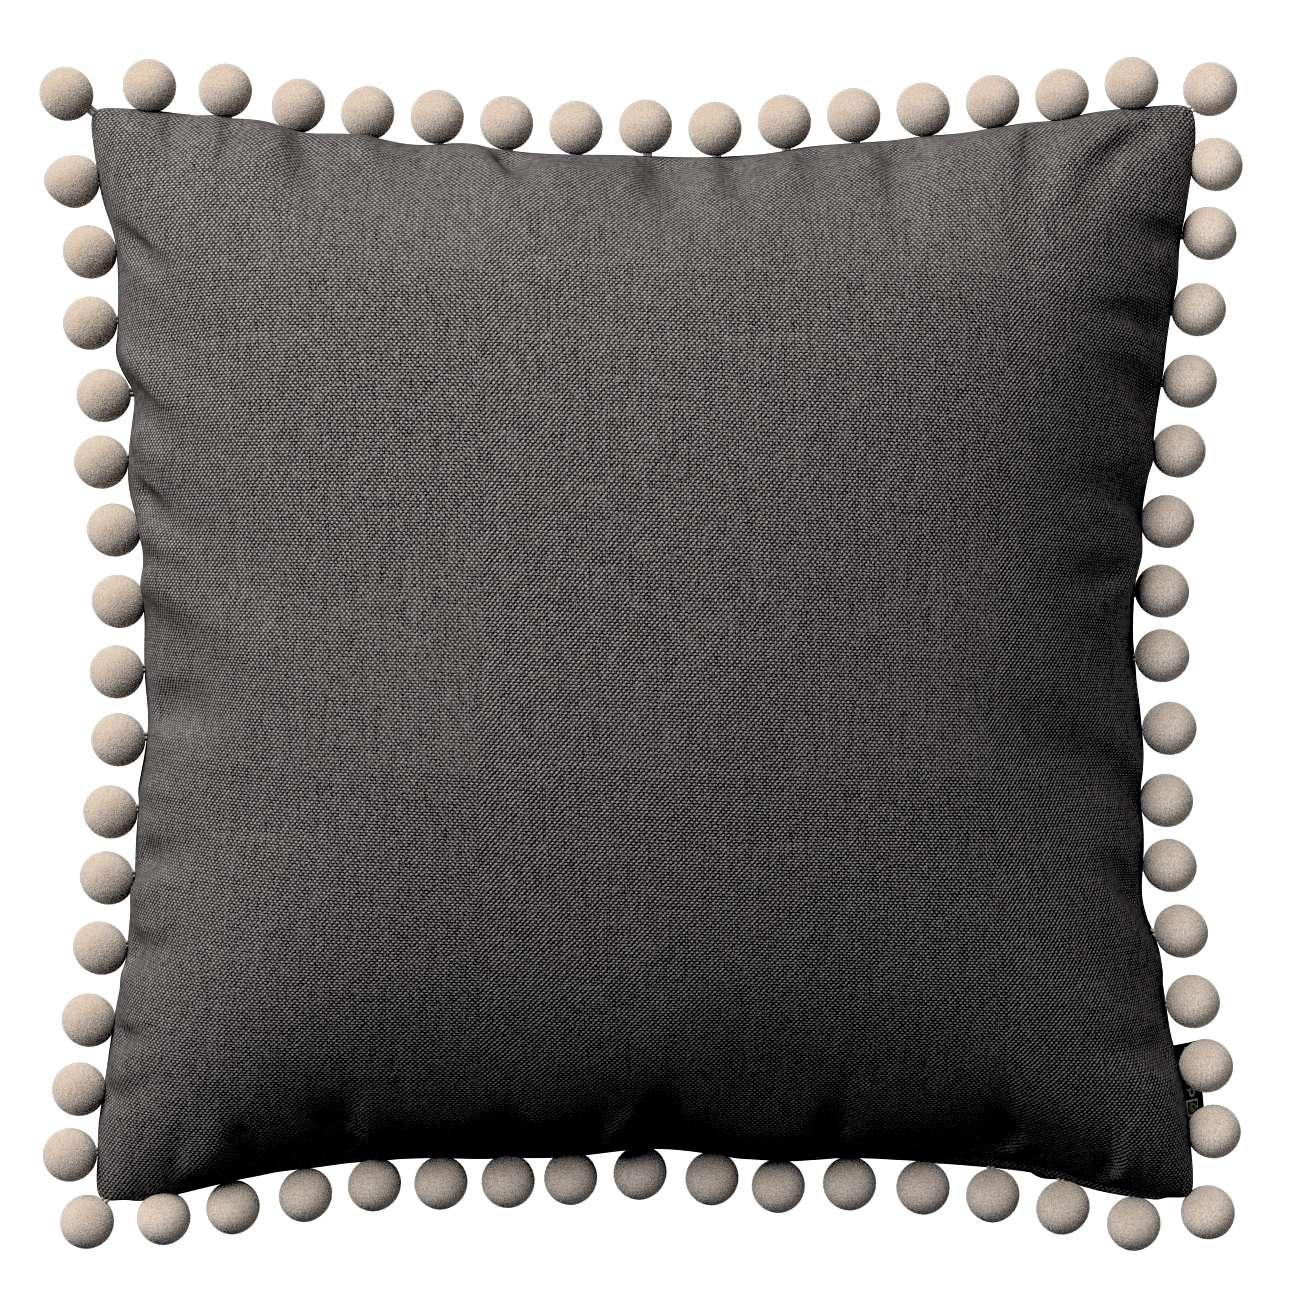 Wera dekoratyvinės pagalvėlės su žaismingais kraštais 45 x 45 cm kolekcijoje Etna , audinys: 705-35